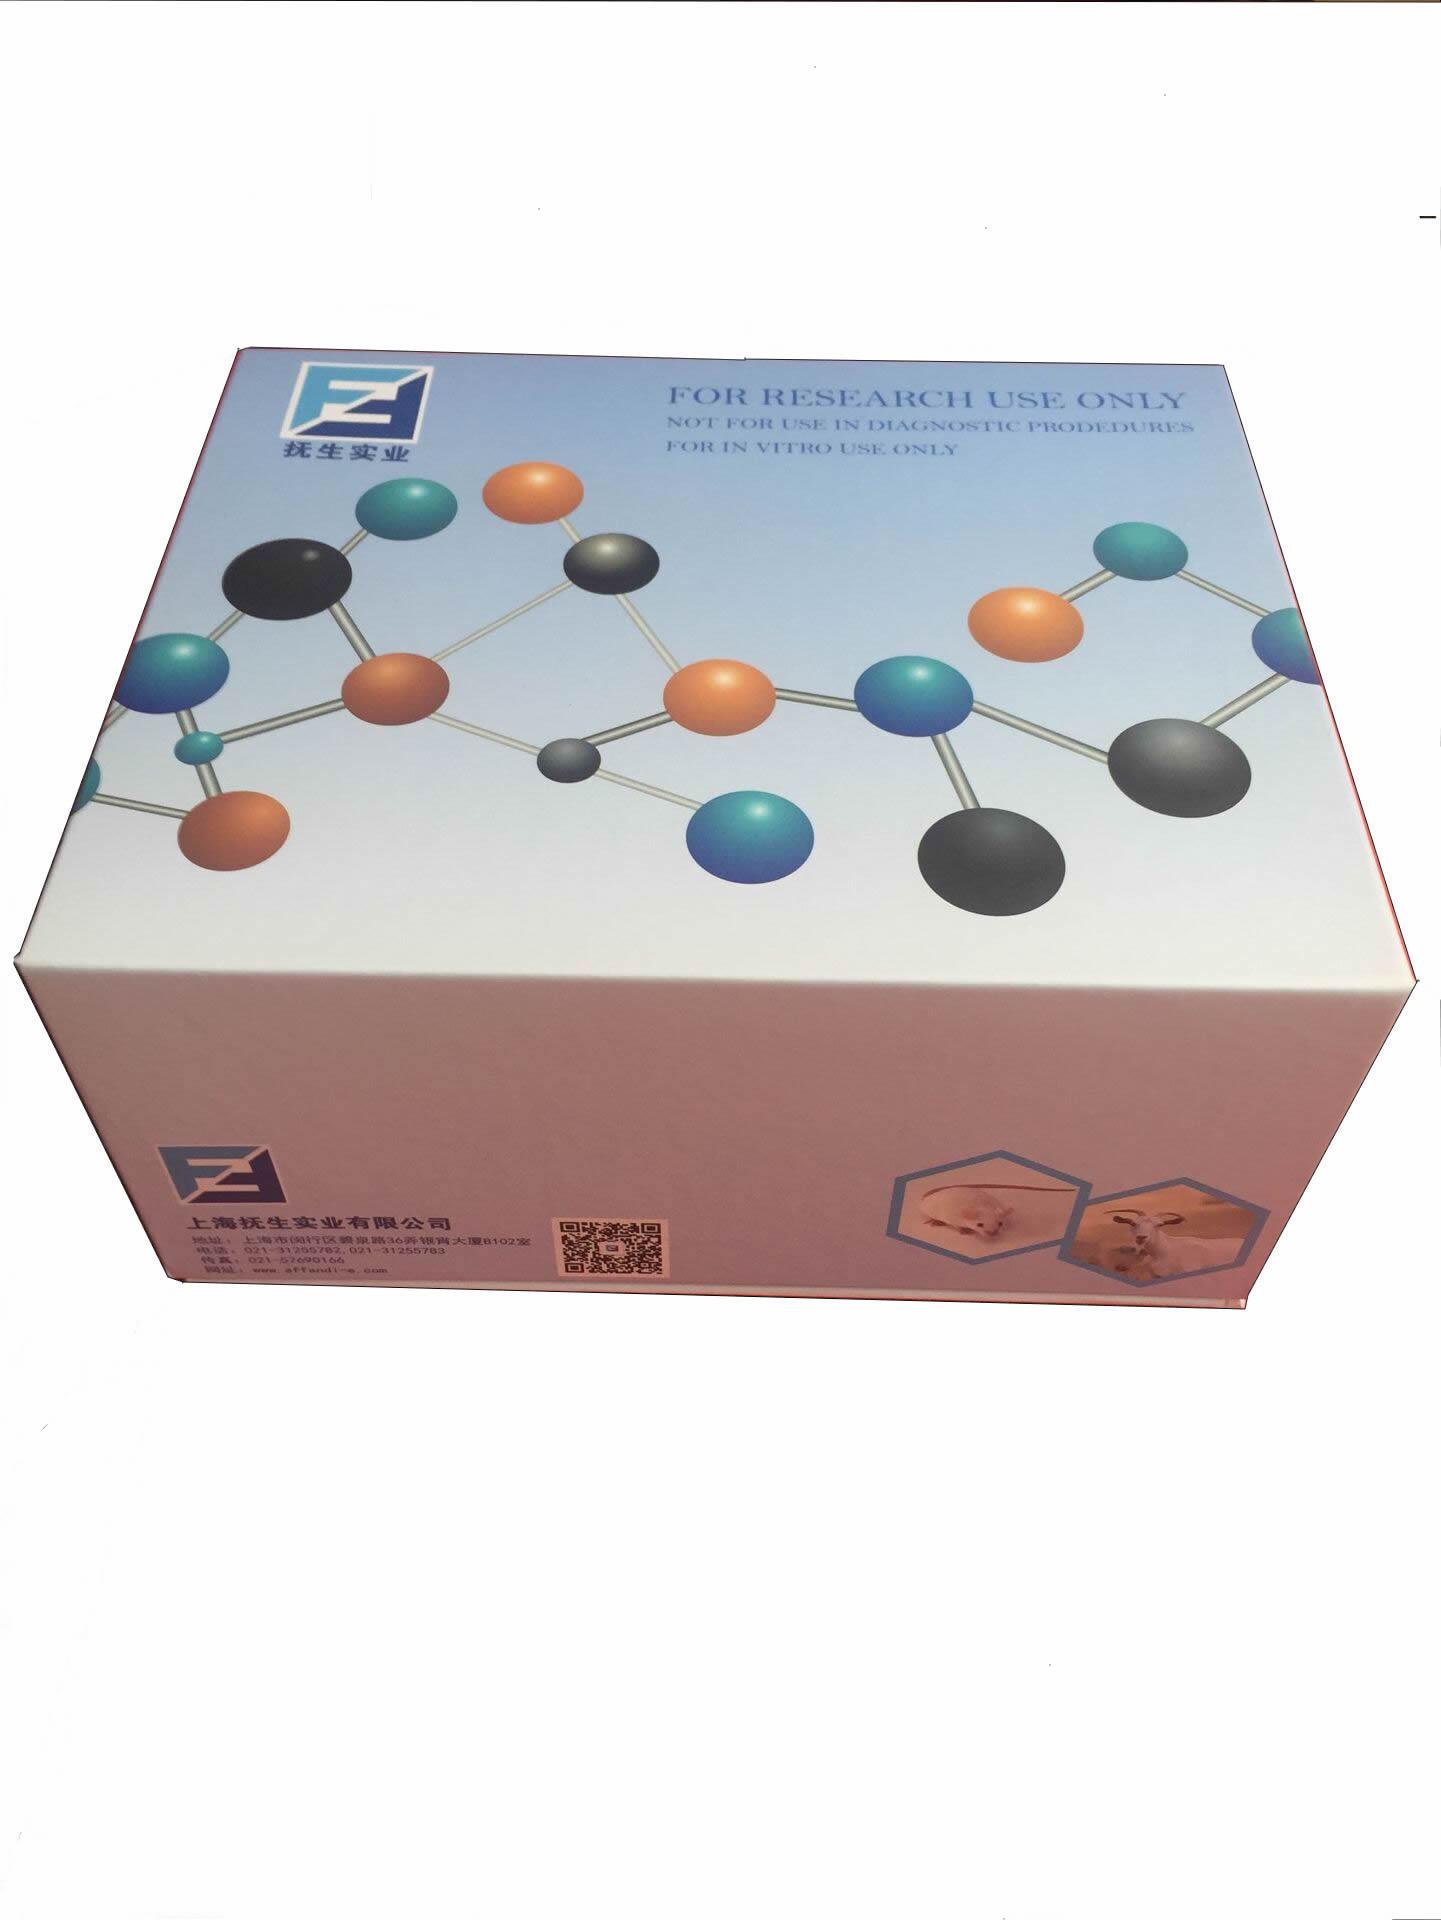 氯化物细胞内蛋白2检测试剂盒